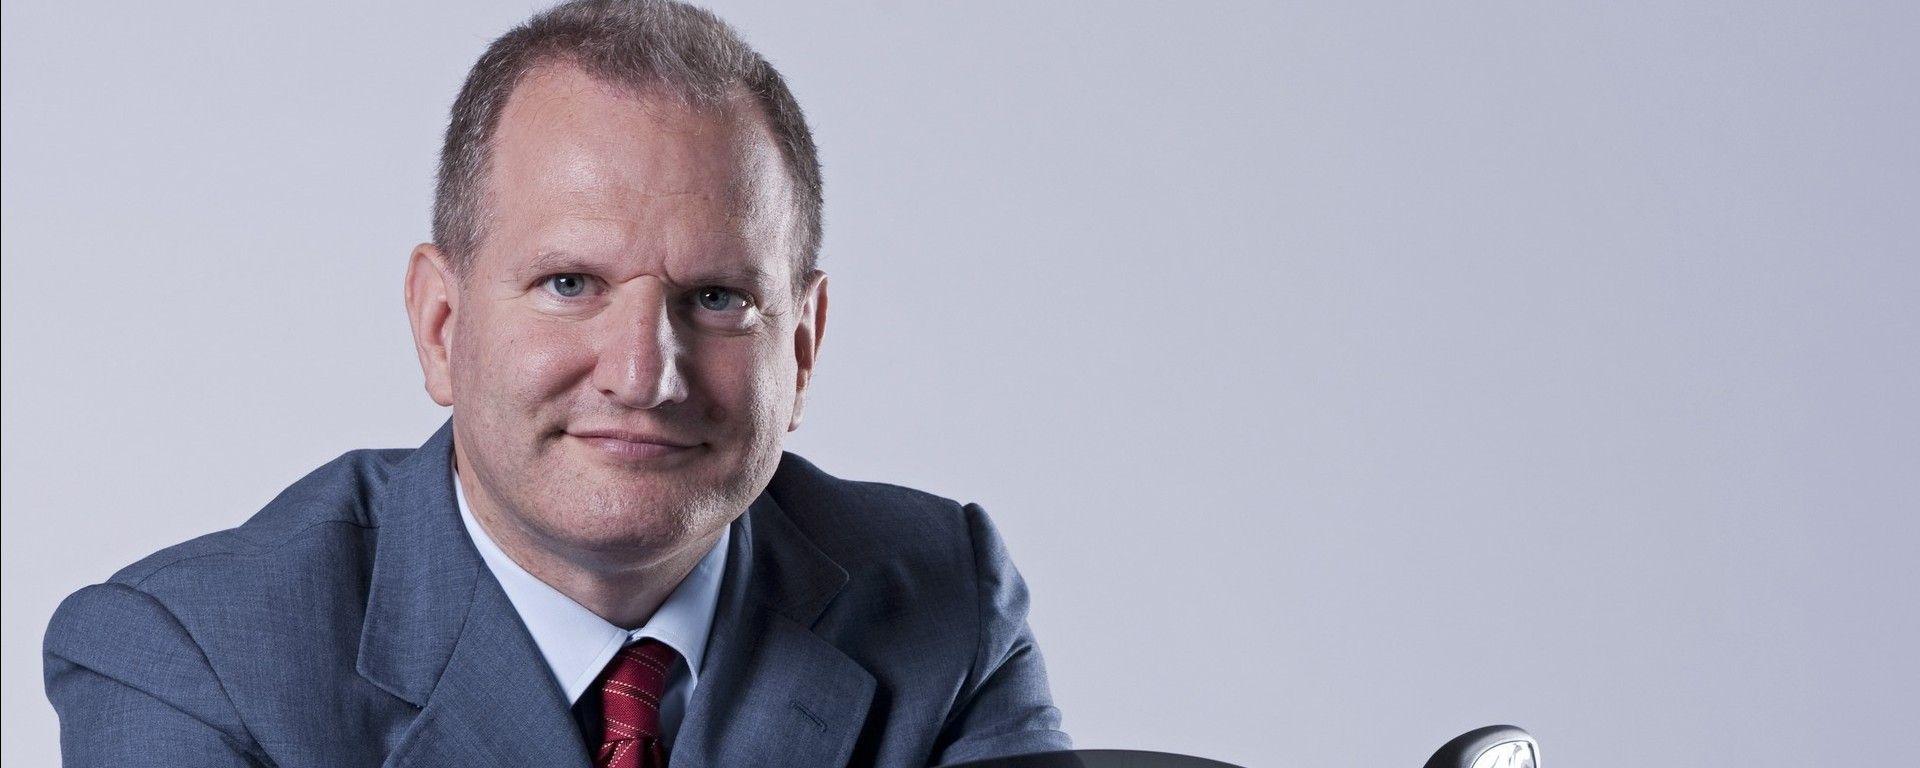 Enrico Pellegrino, nuovo direttore commerciale Peugeot